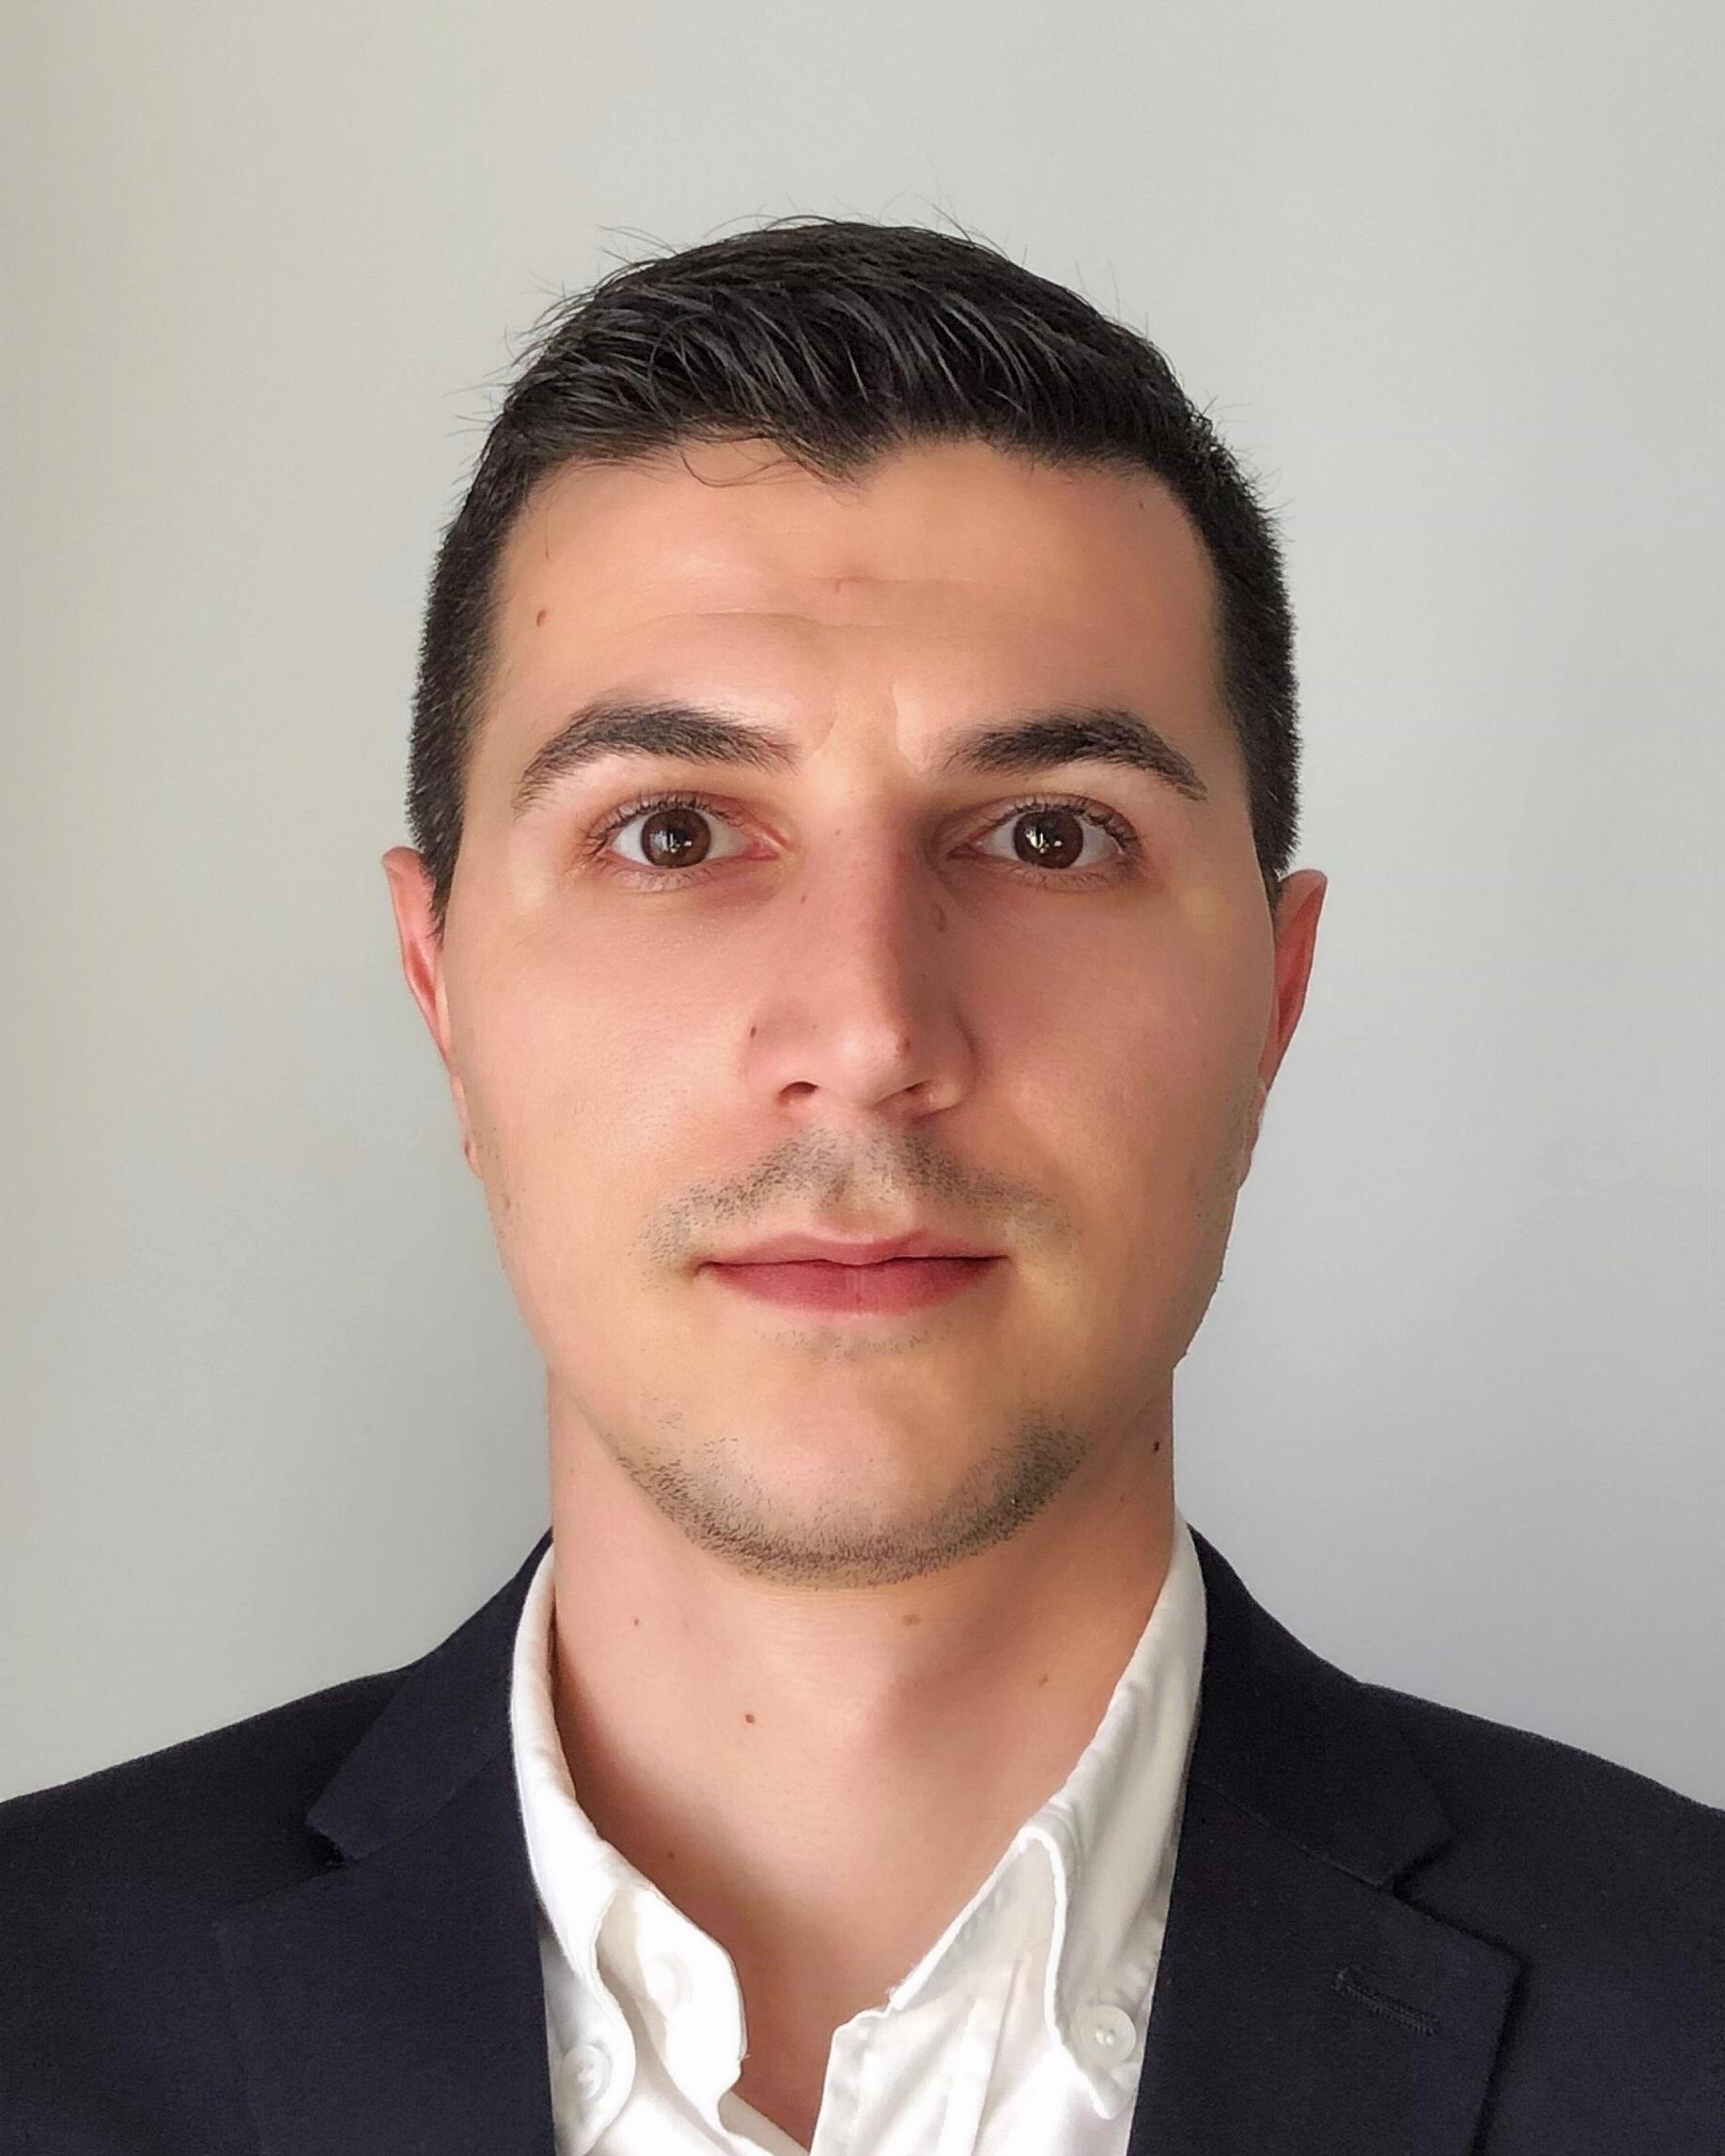 Alexandru Marius Casota Group Financial Controller ➤ Lisbon, Portugal ☎ +47 466 75 569 / +351 966 490 493 ✉ alexandru@advantek.pt